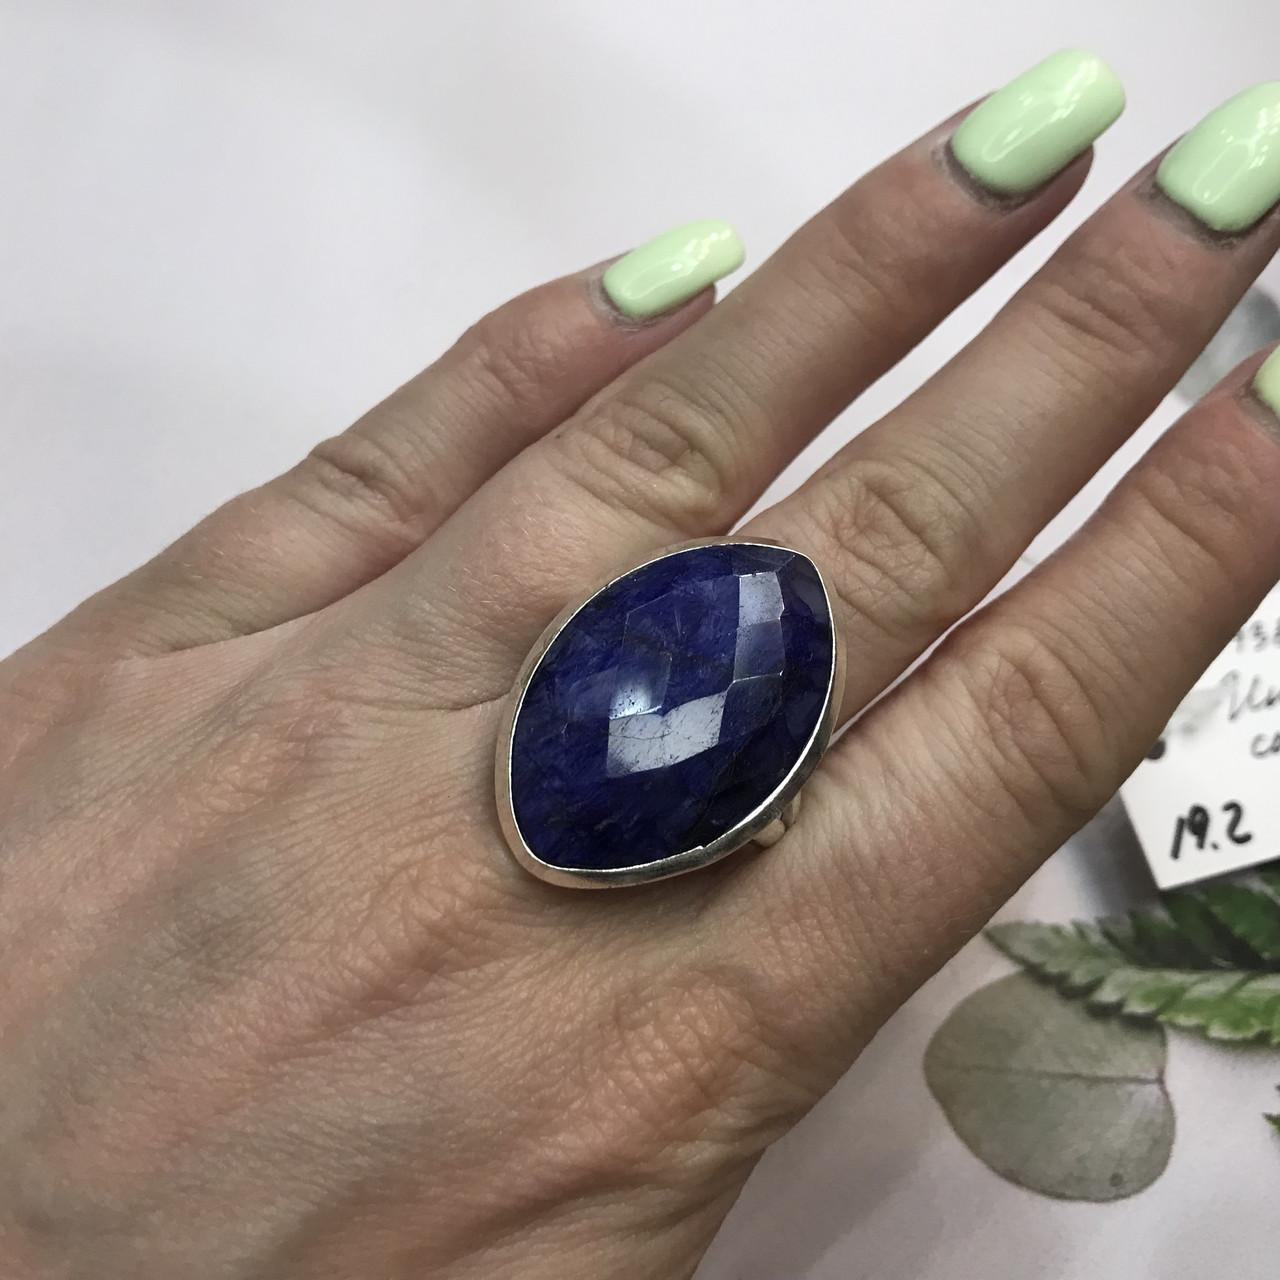 Сапфір кільце Маркіз 19,2 розмір кільце з каменем індійський натуральний сапфір в сріблі кільце з сапфіром.